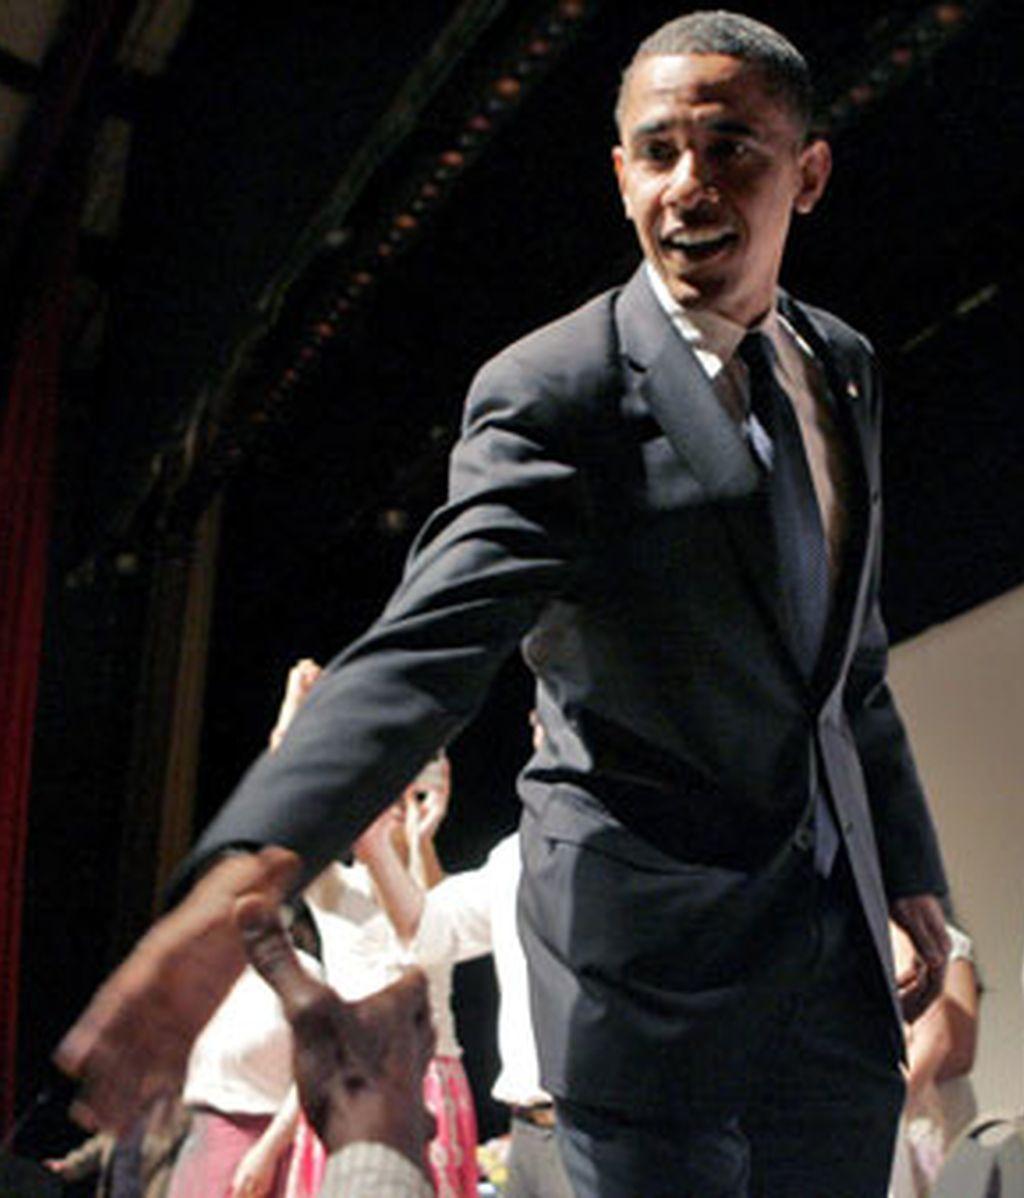 Los socialistas no quieren desaprovechar la oportunidad de entenderse con el candidato demócrata. Foto: EFE